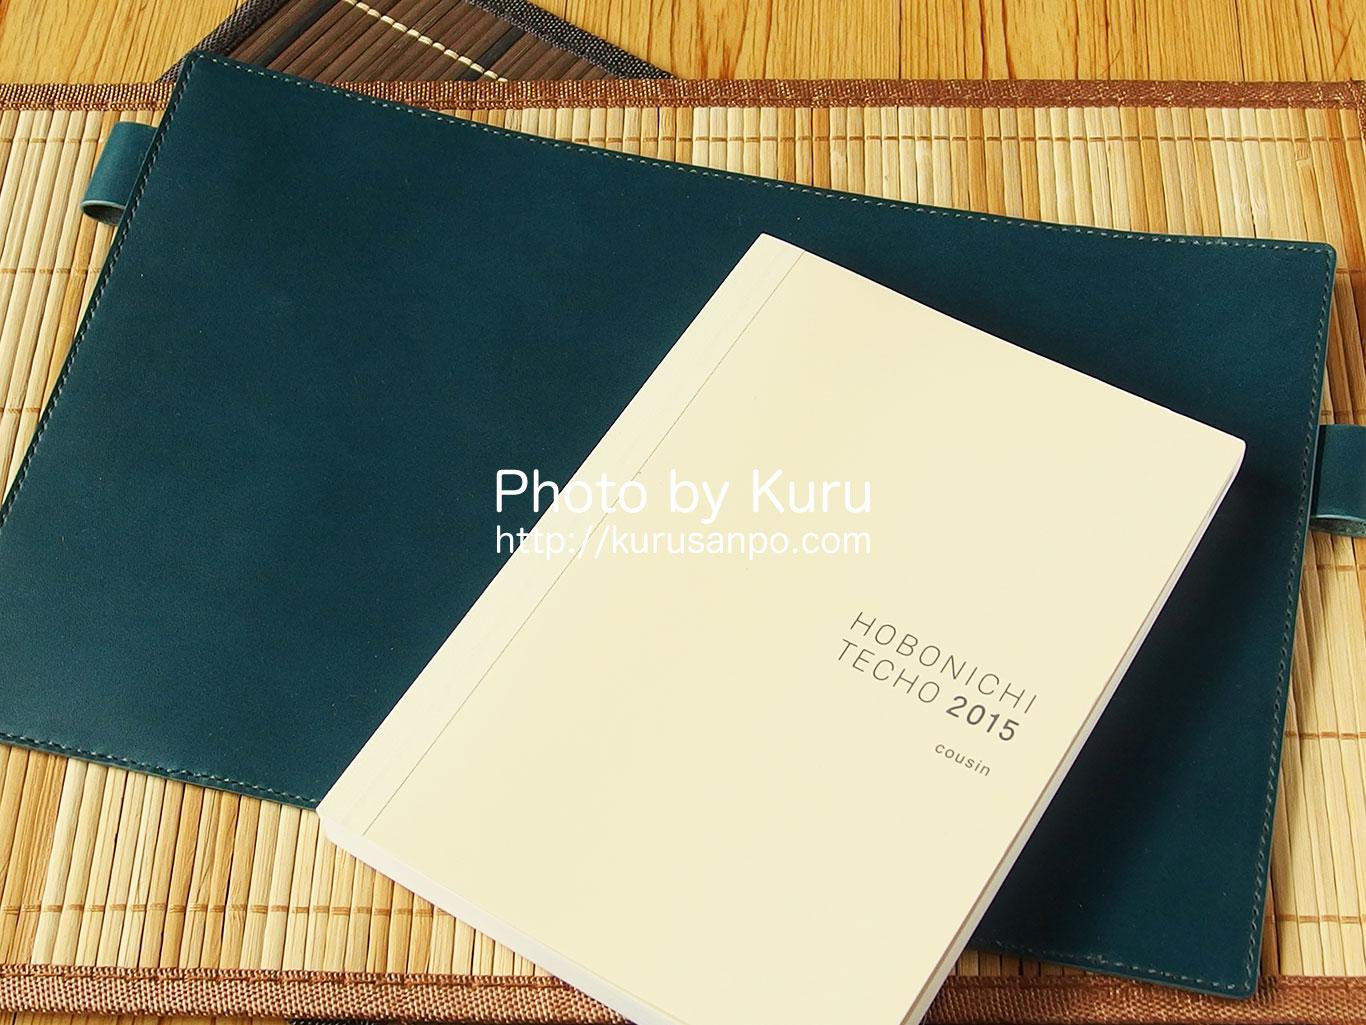 レザークラフト講座で『ほぼ日手帳』の革カバーを作った!